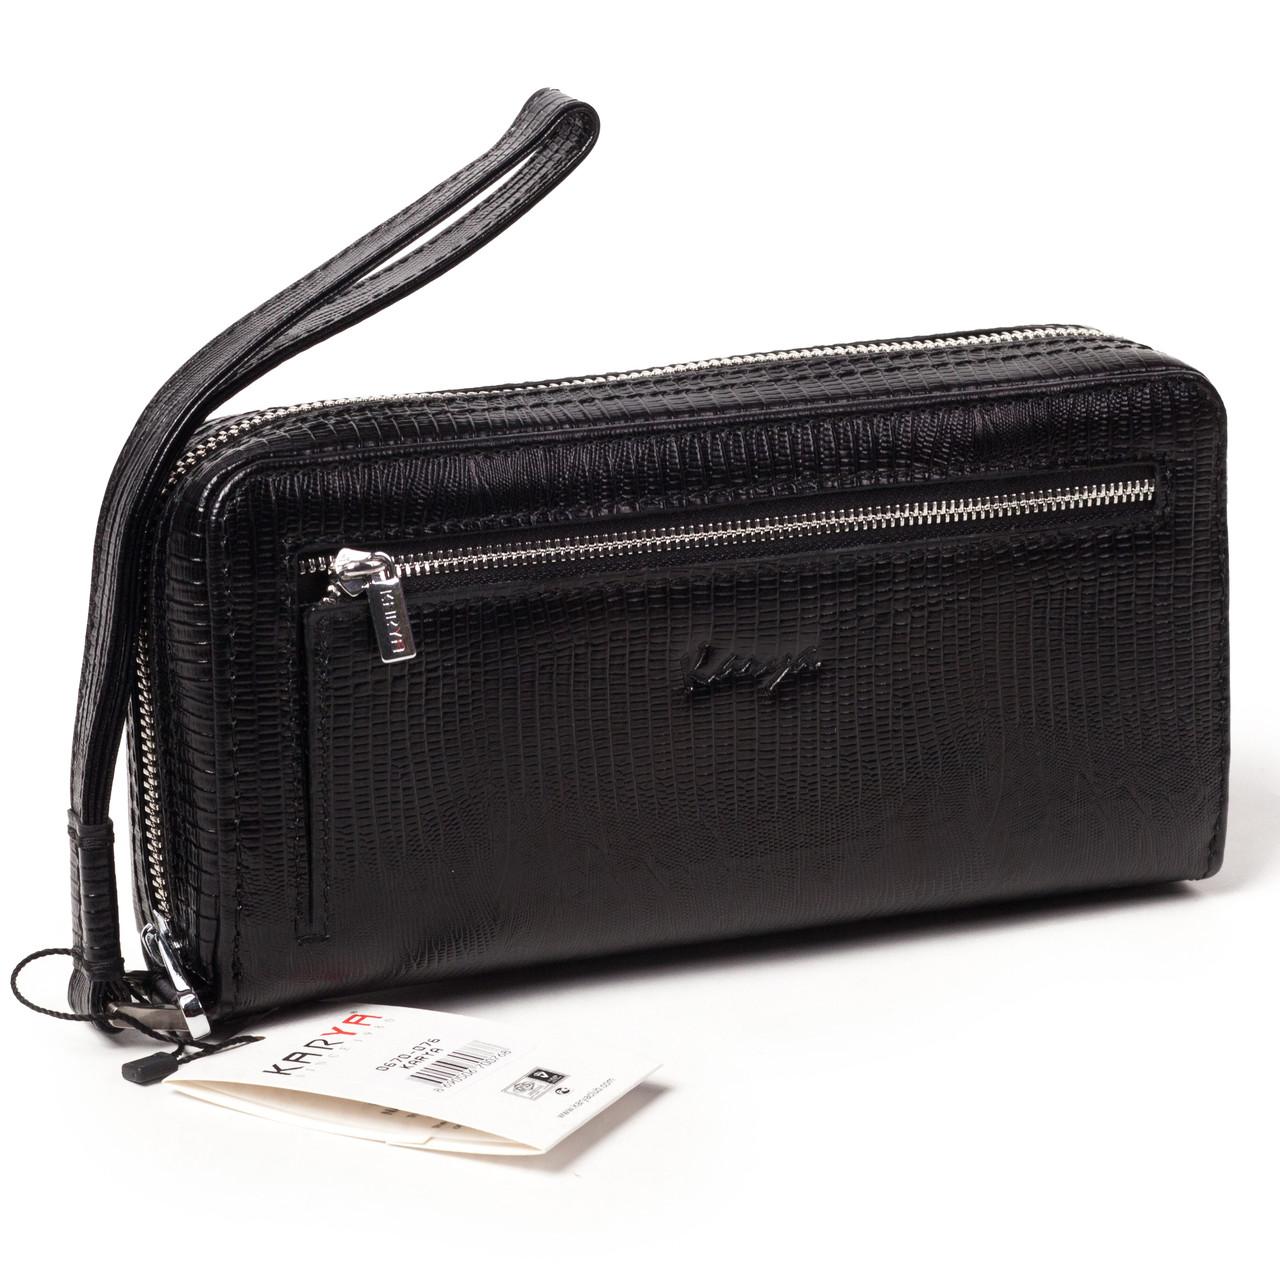 Мужской клатч Karya 0670-076 кожаный чёрный